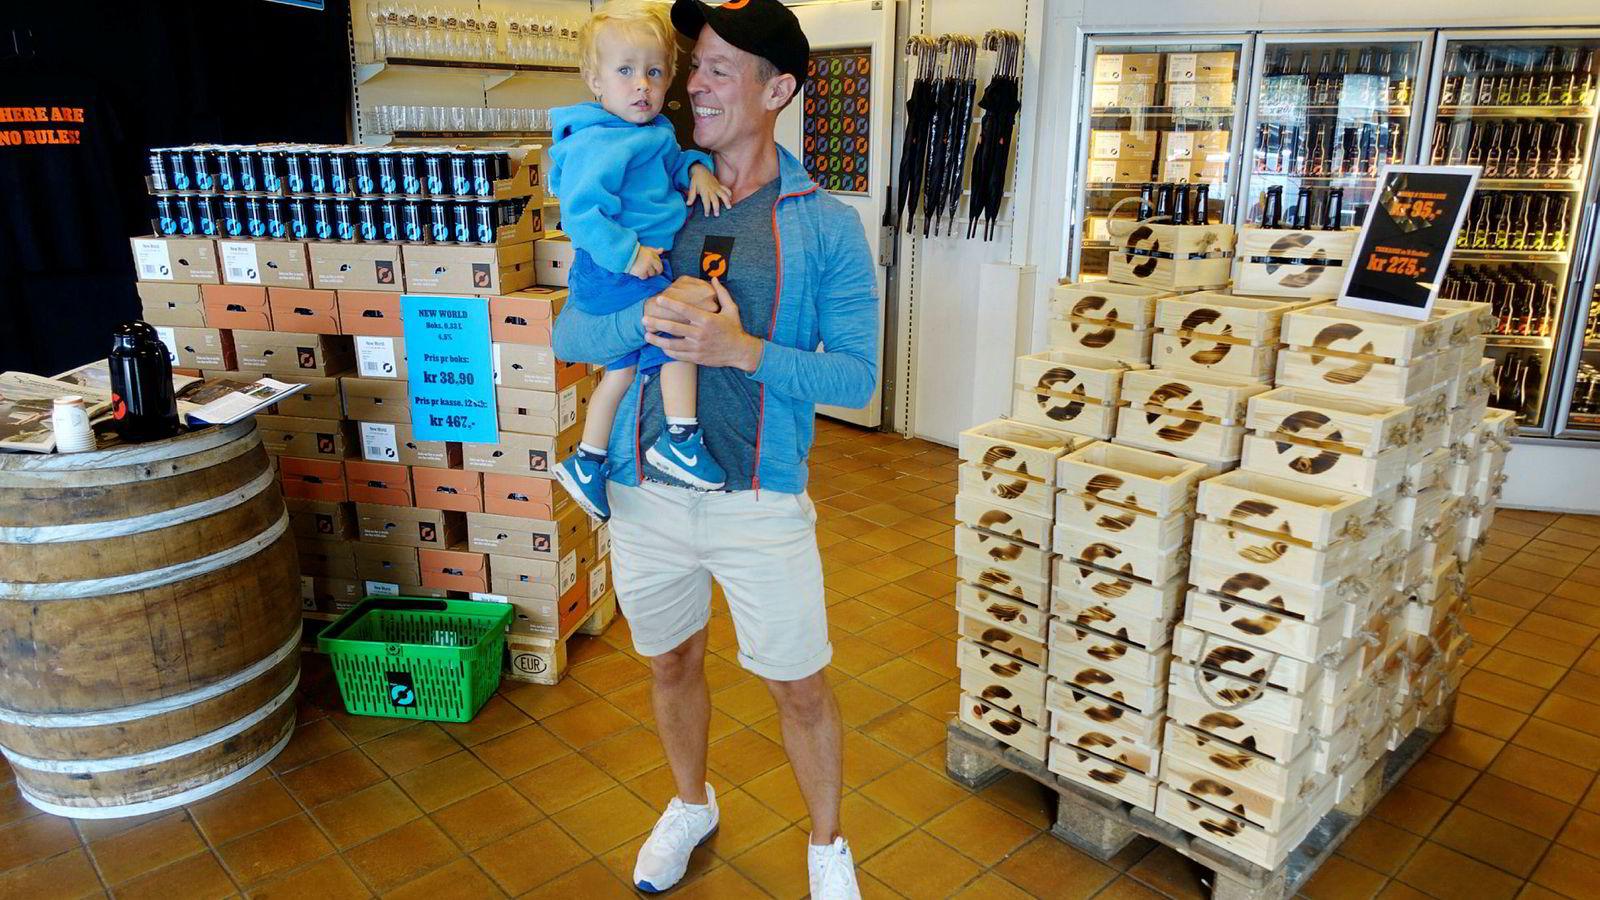 En ferierende Sverre Orm Øverland, administrerende direktør i Nøgne Ø, har med seg sønnen Magnus når han er innom ølutsalget i Grimstad for å bunkre. Markedet for håndverksøl faller kraftig og tidene med fantastiske overskudd er over.